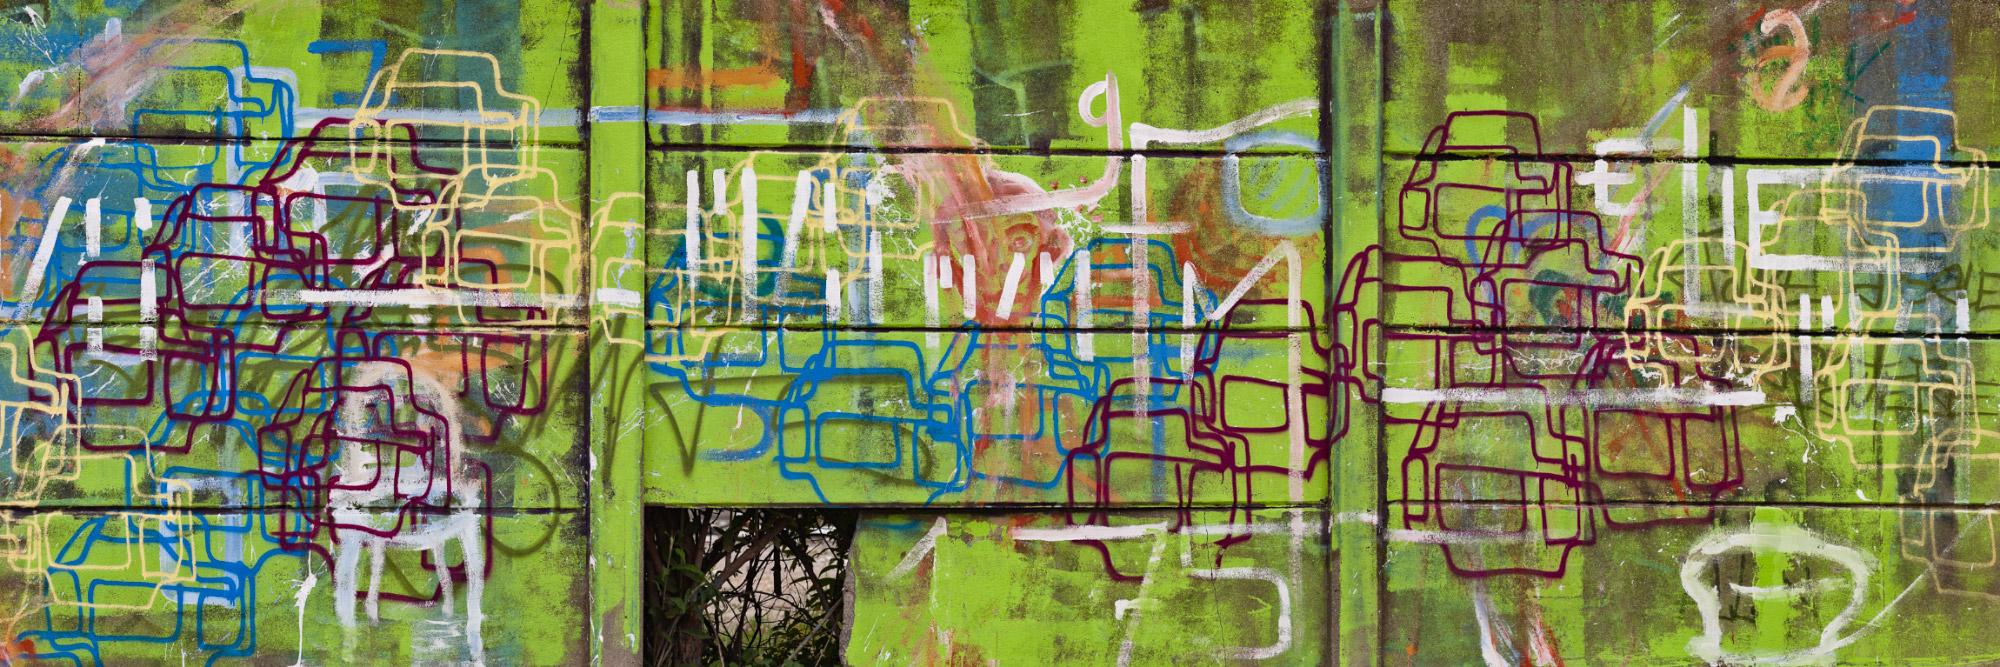 Graff sur une friche industrielle